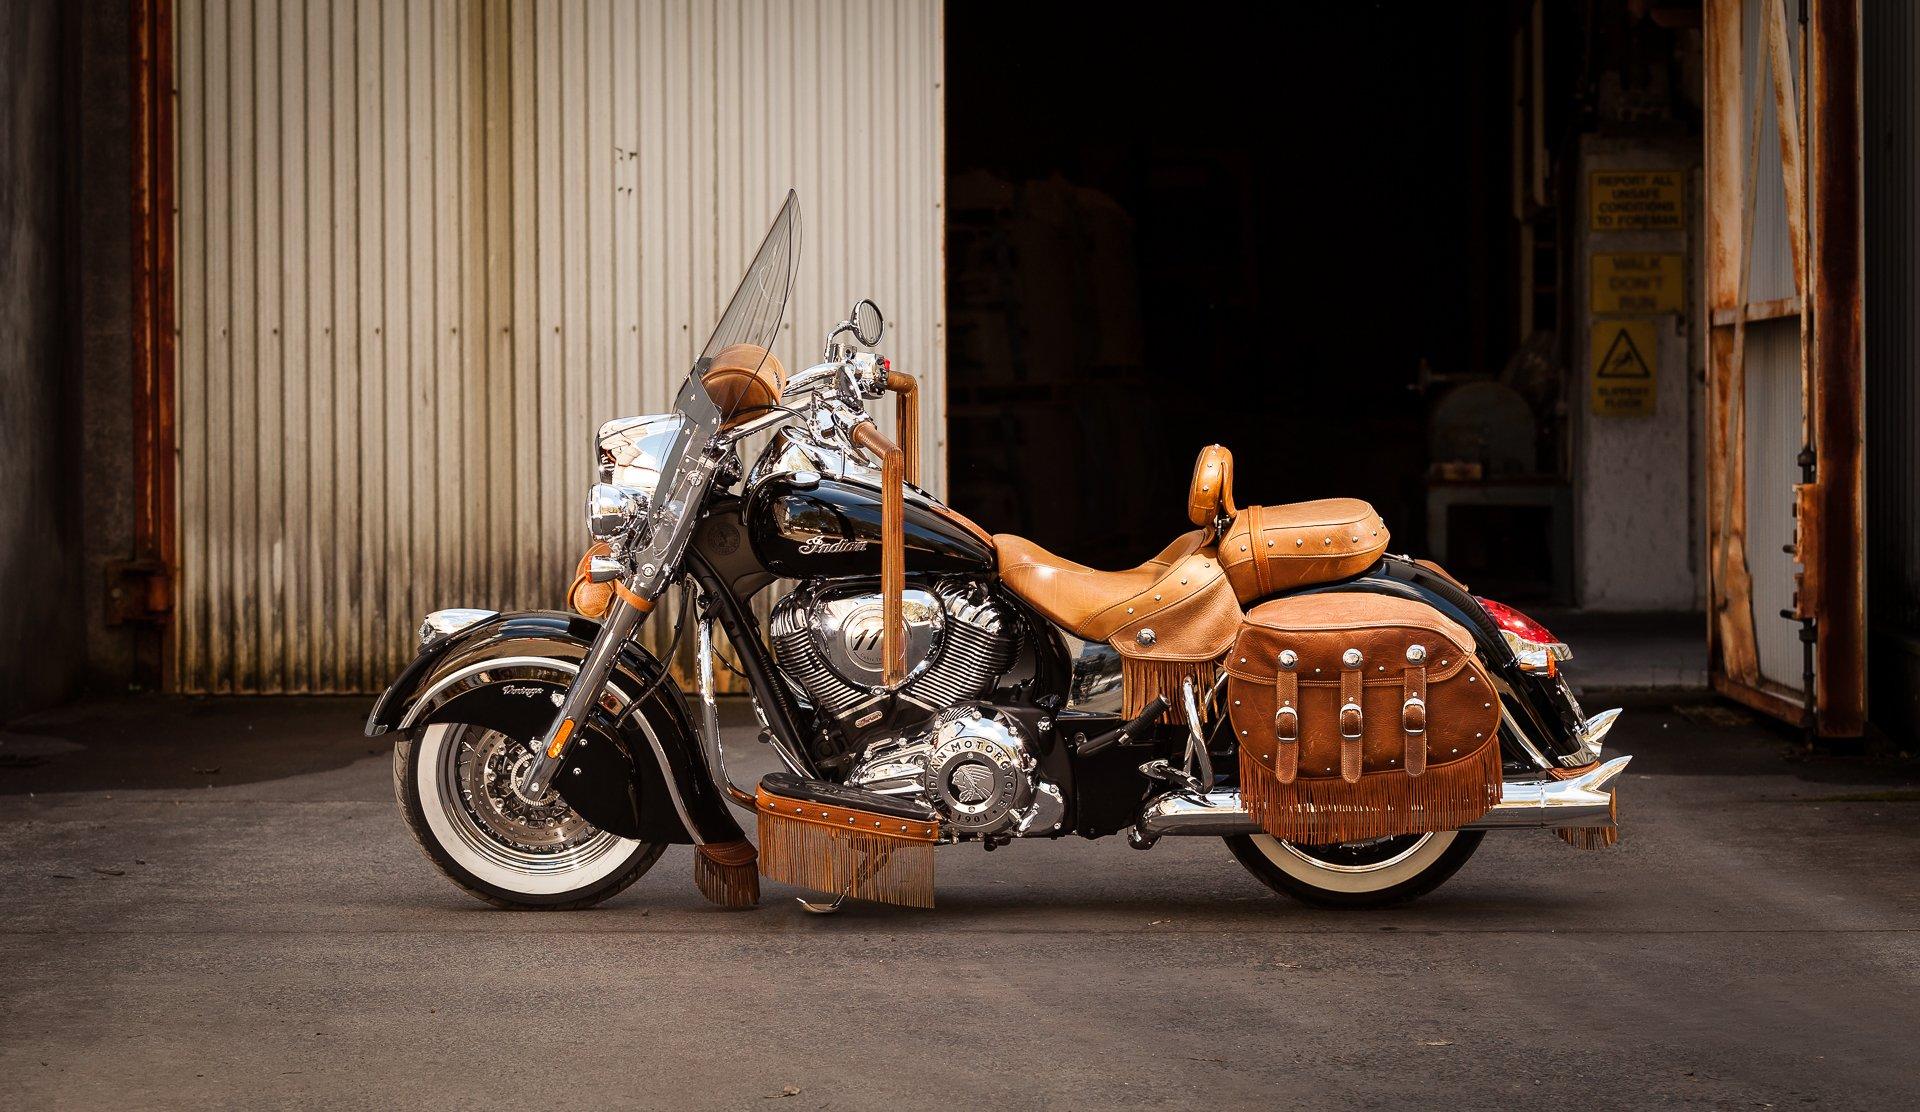 71 Indian Motorcycle Wallpaper On Wallpapersafari